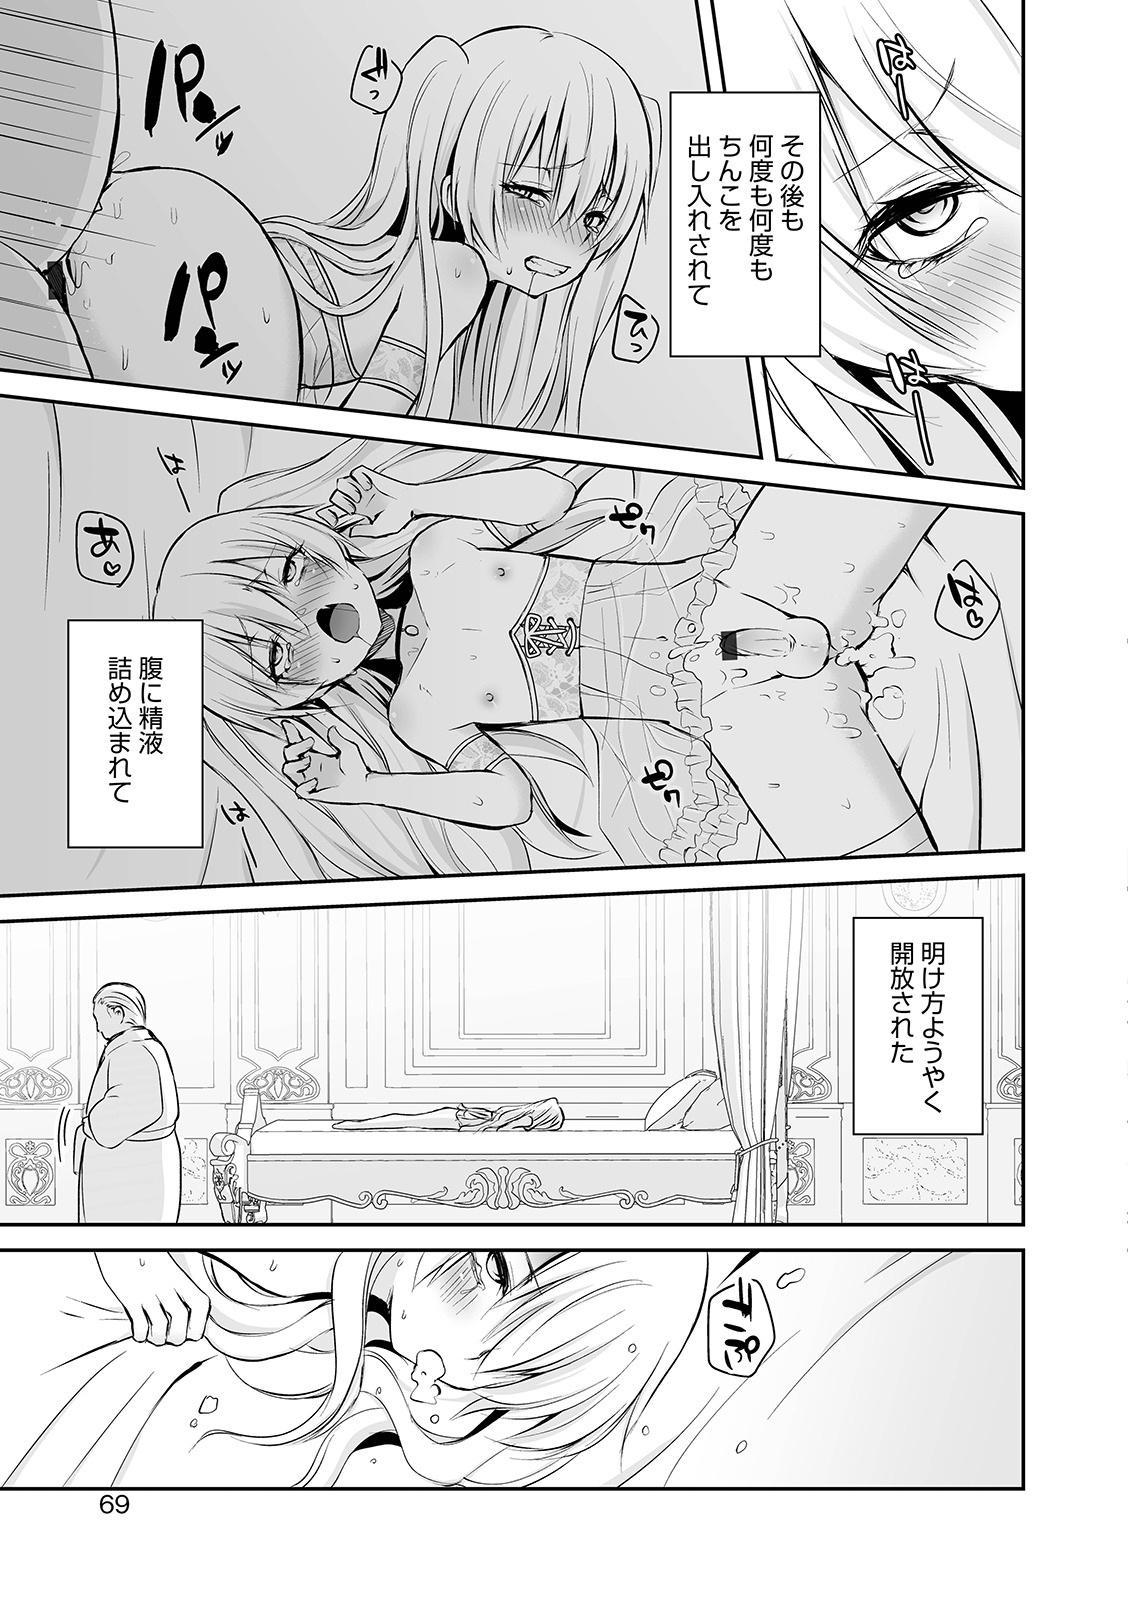 Otokonoko Heaven's Door 9 68